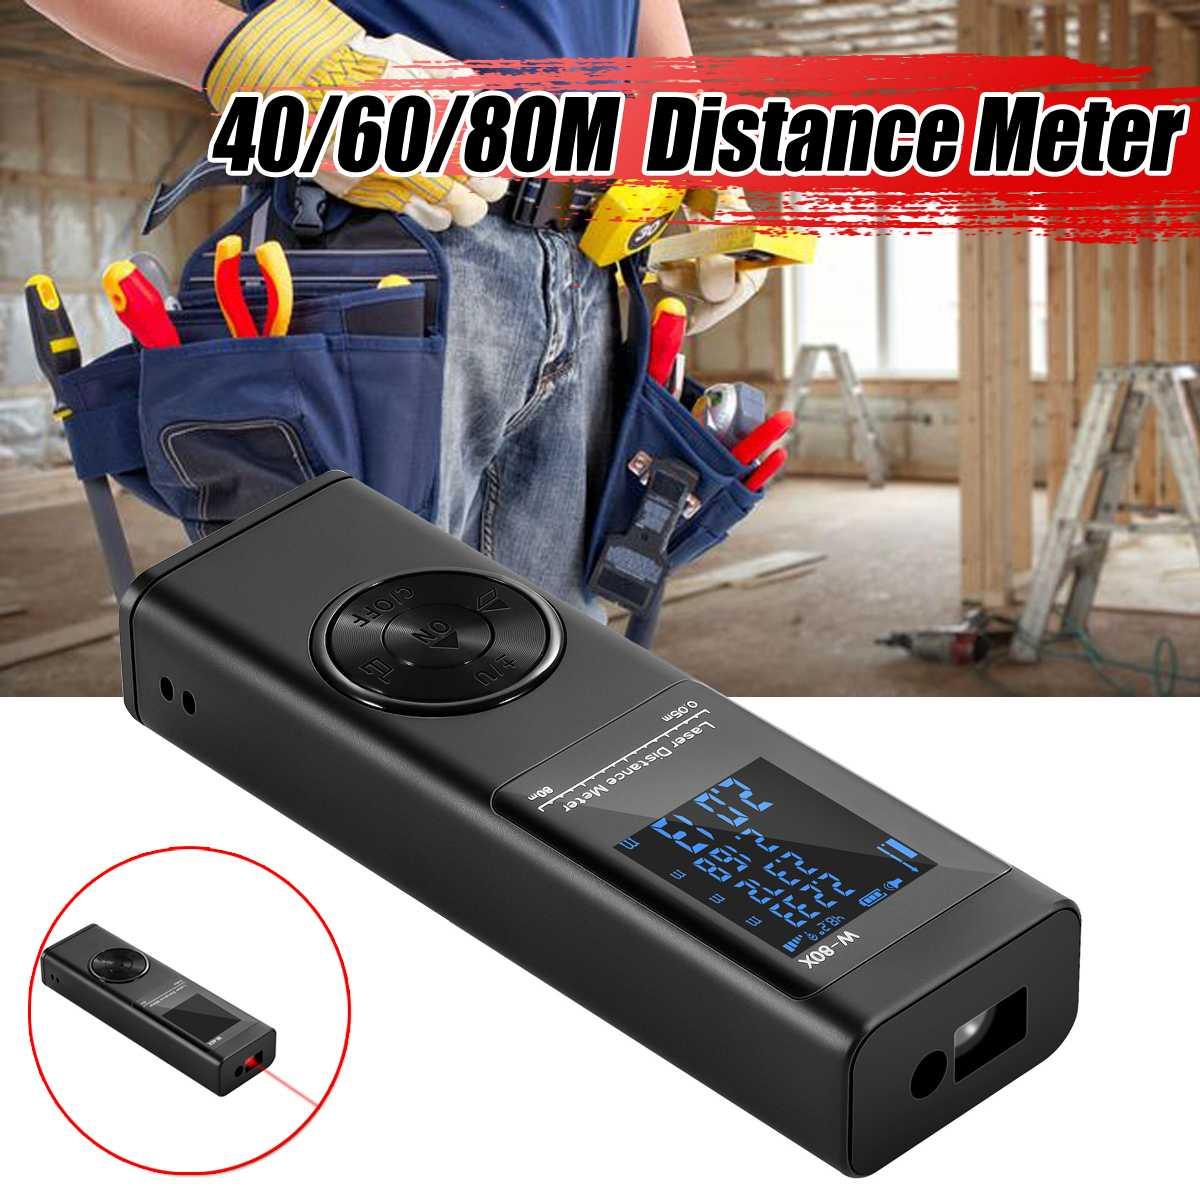 Mini Laser Abstand Meter 40/60/80M Laser-entfernungsmesser Range Finder Band Ultraschall-entfernungsmesser Meter Bauen Gerät herrscher Test Werkzeuge